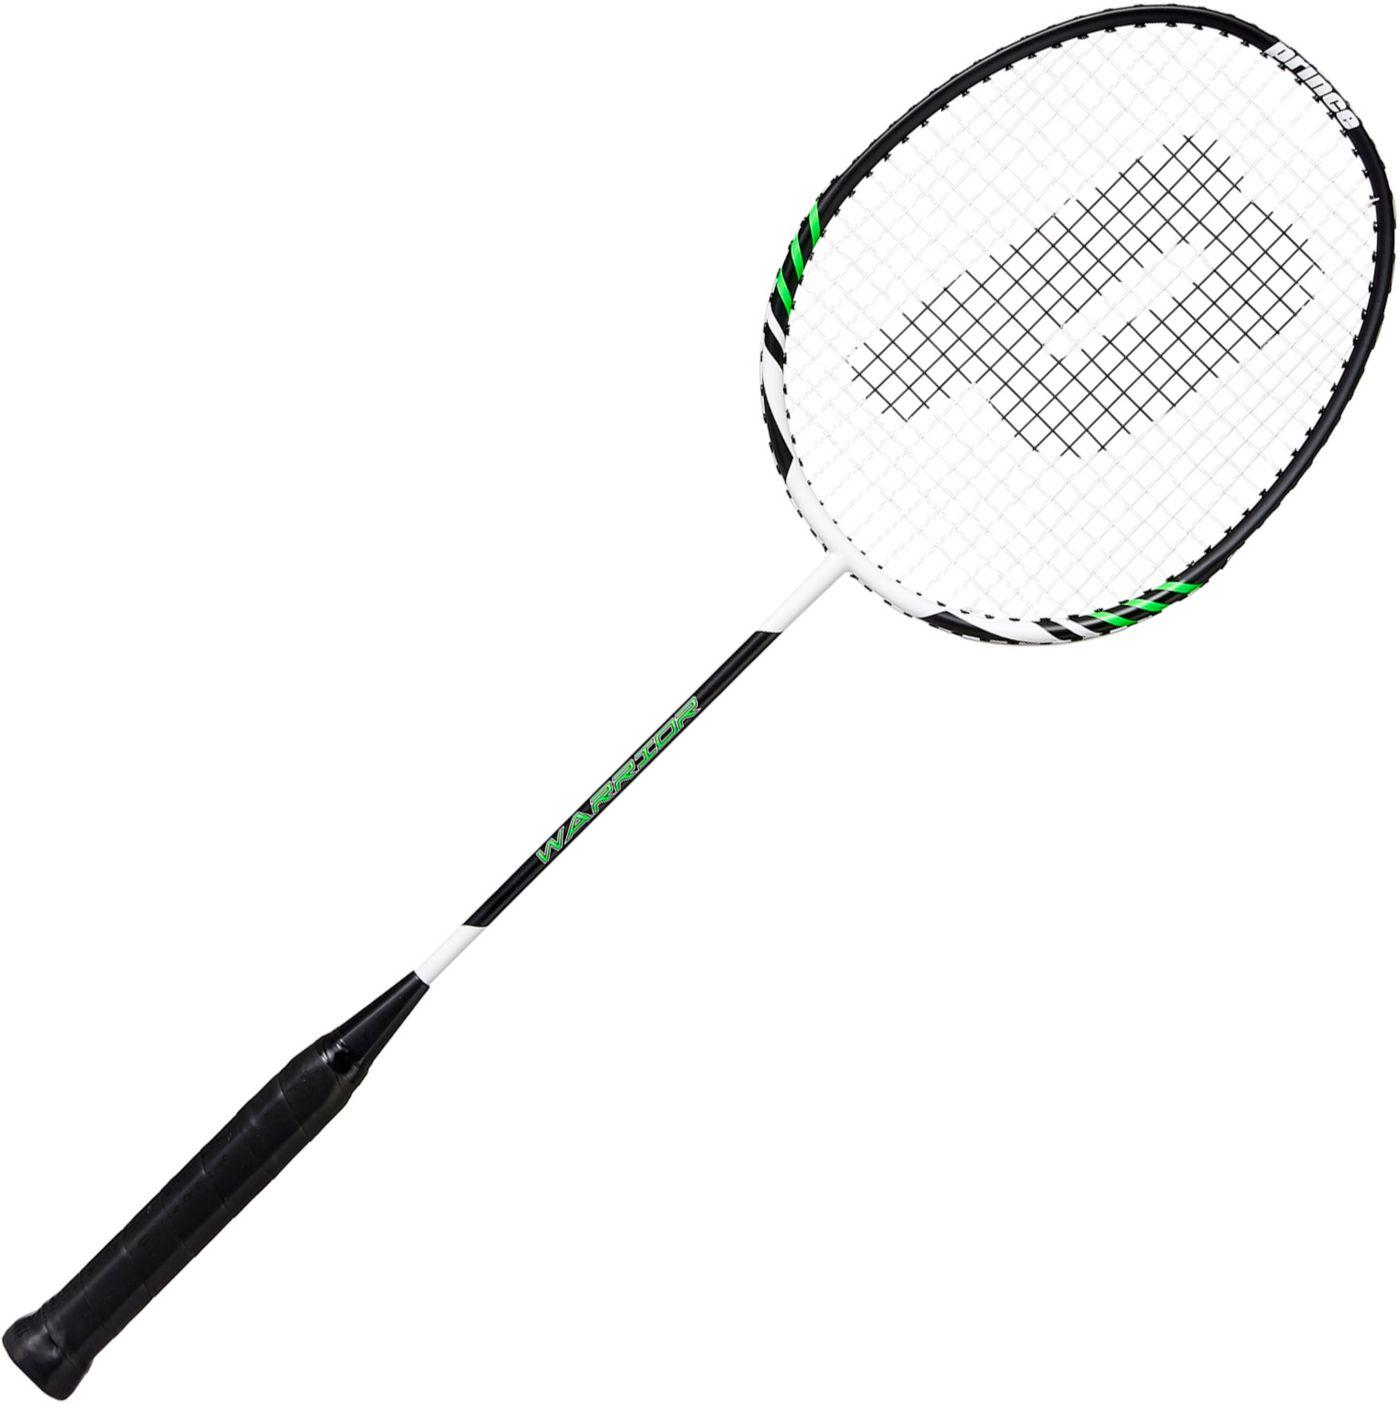 Prince Warrior Badminton Racquet